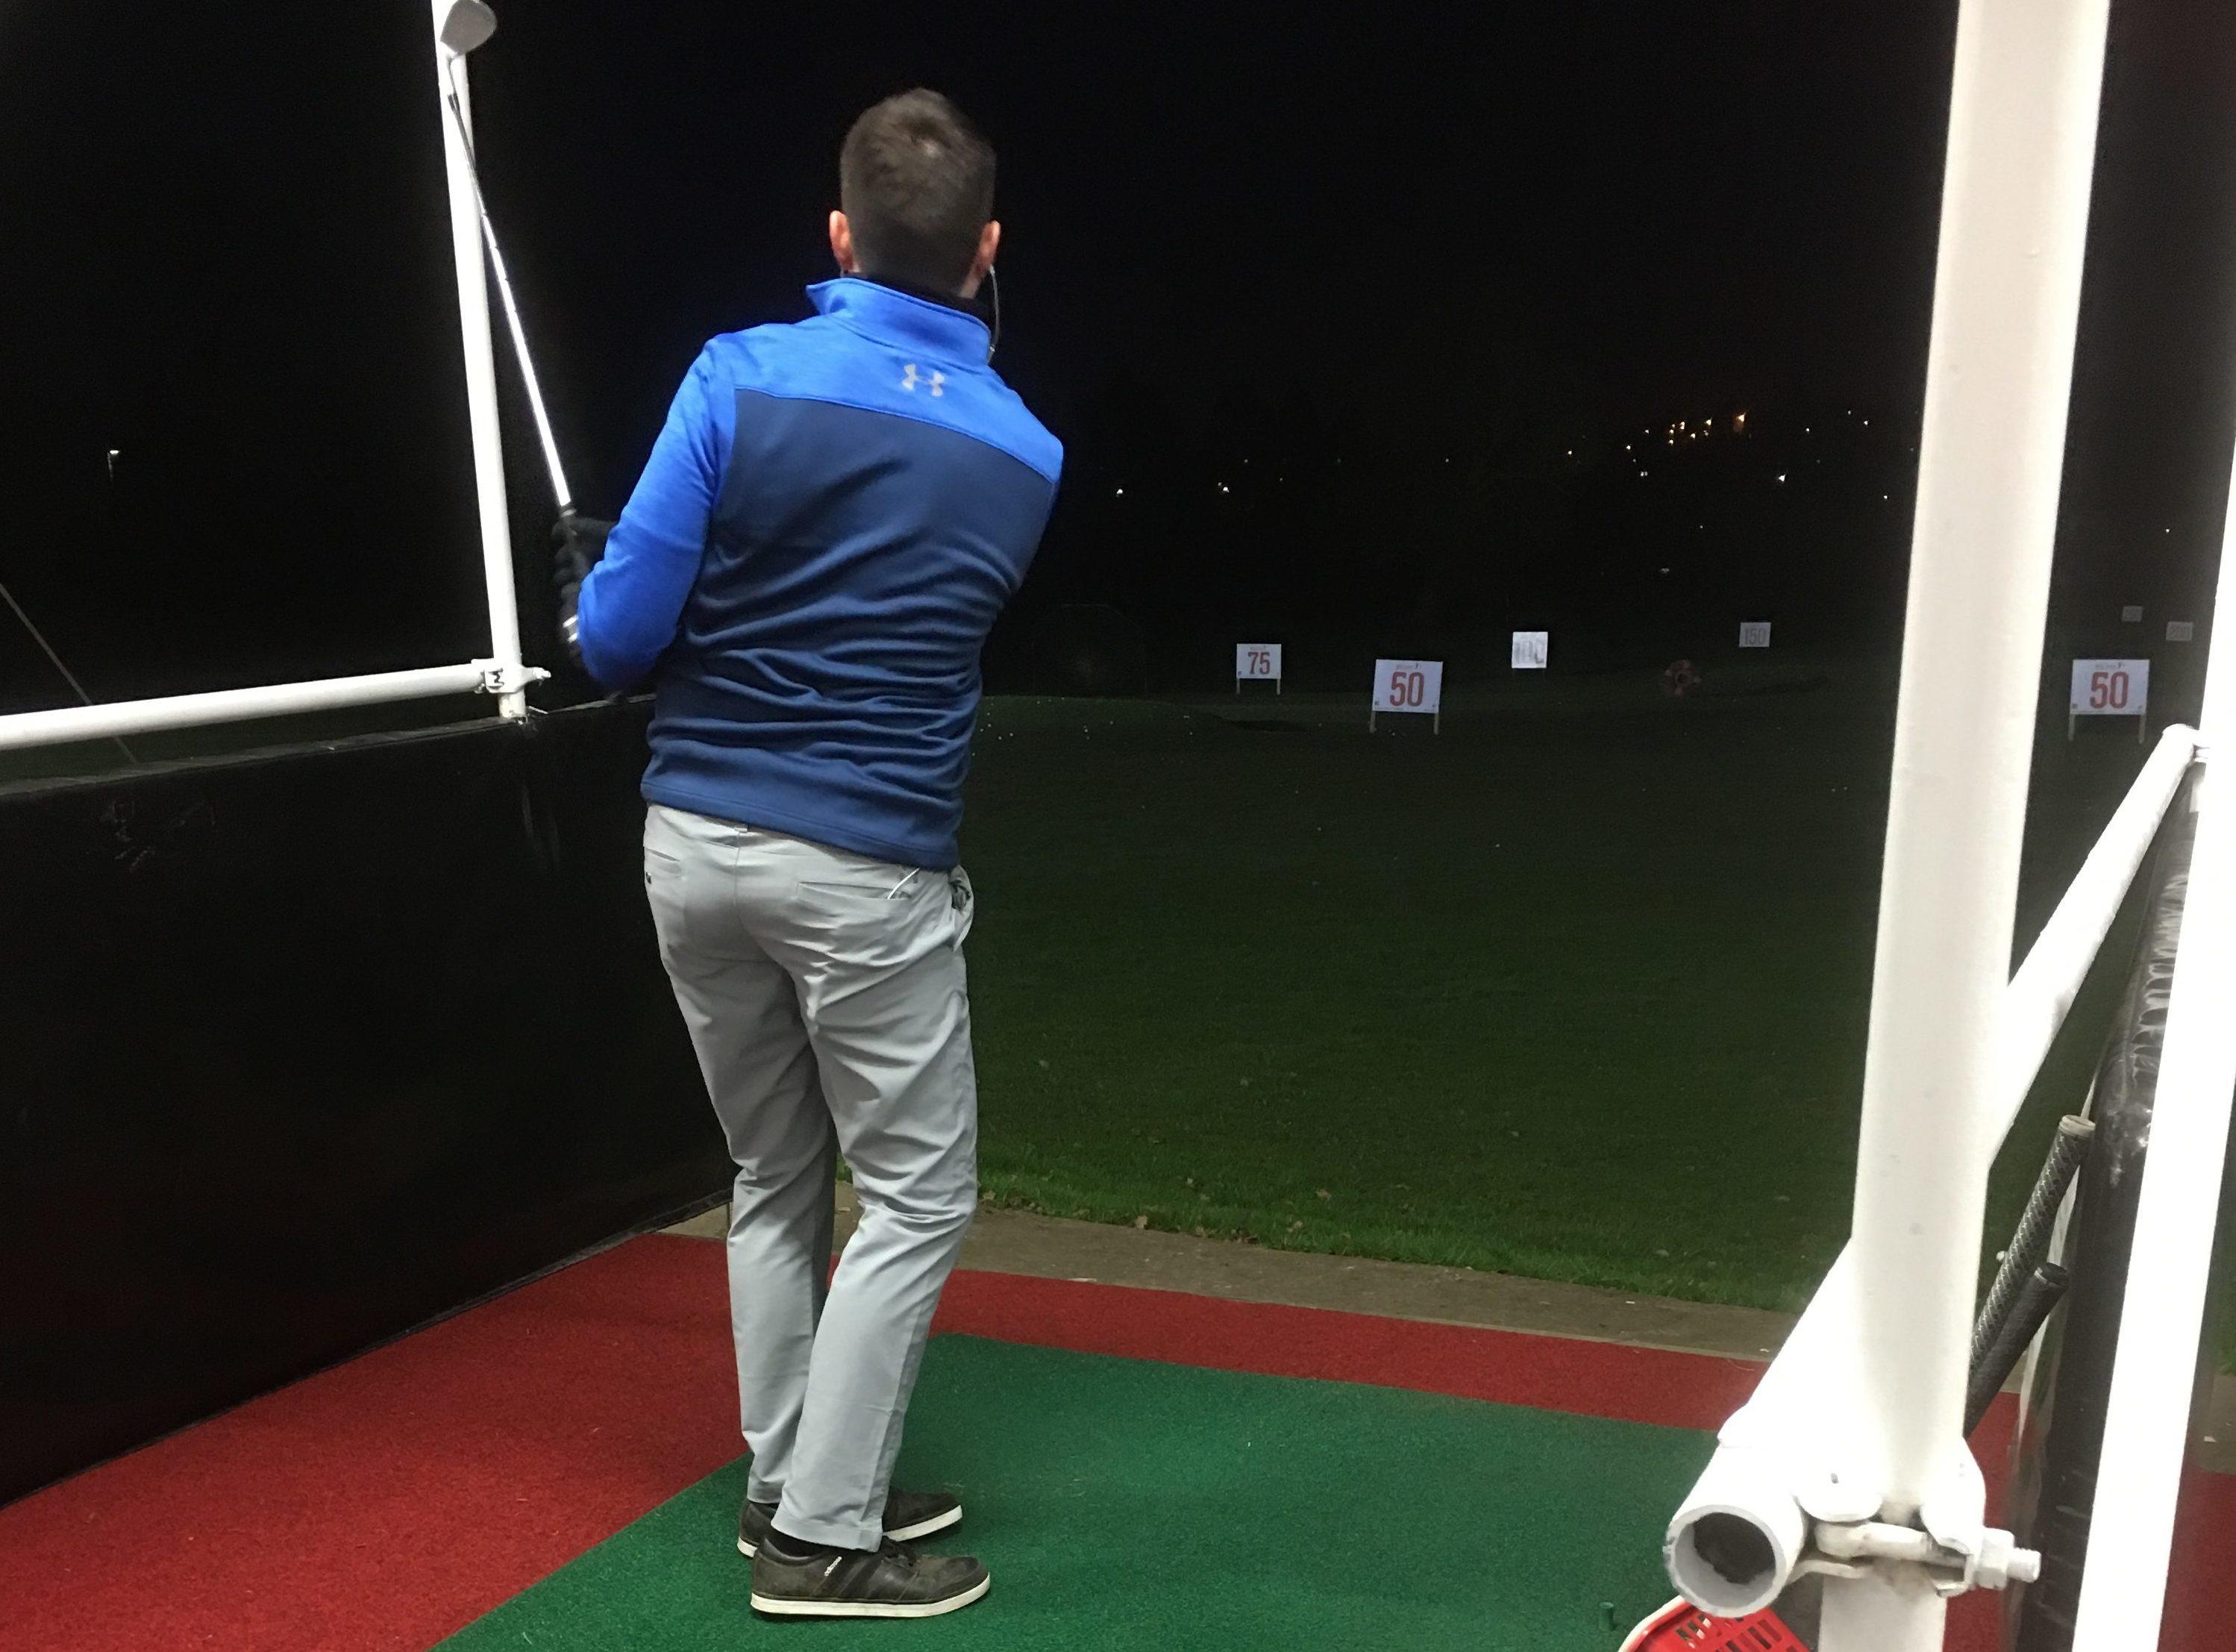 The Mark Butler Golf Academy